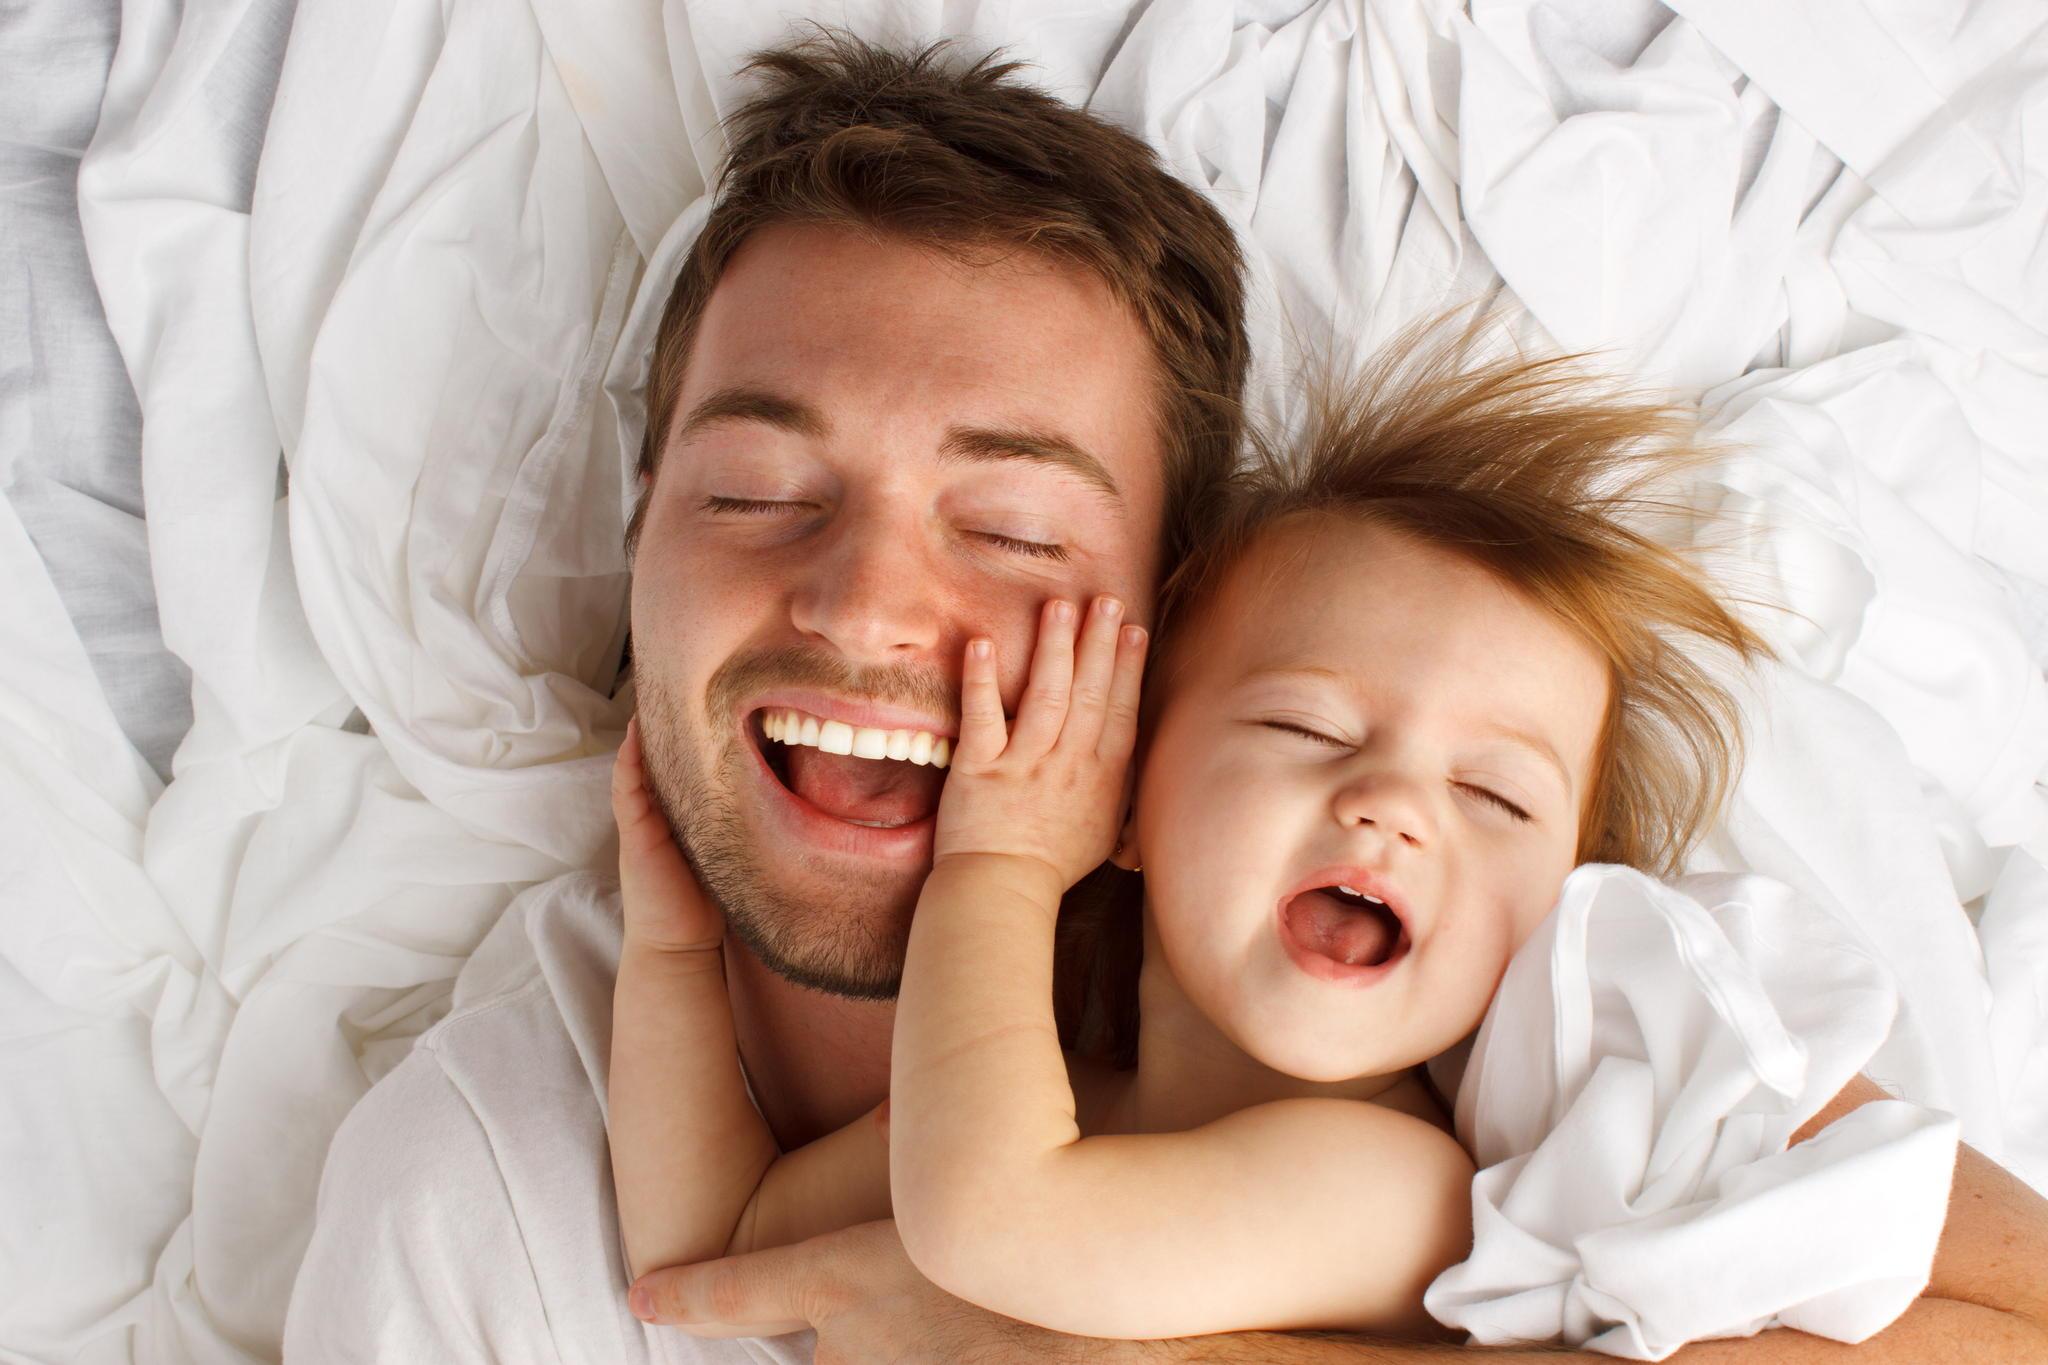 Смотреть любовь матери к сыну 22 фотография